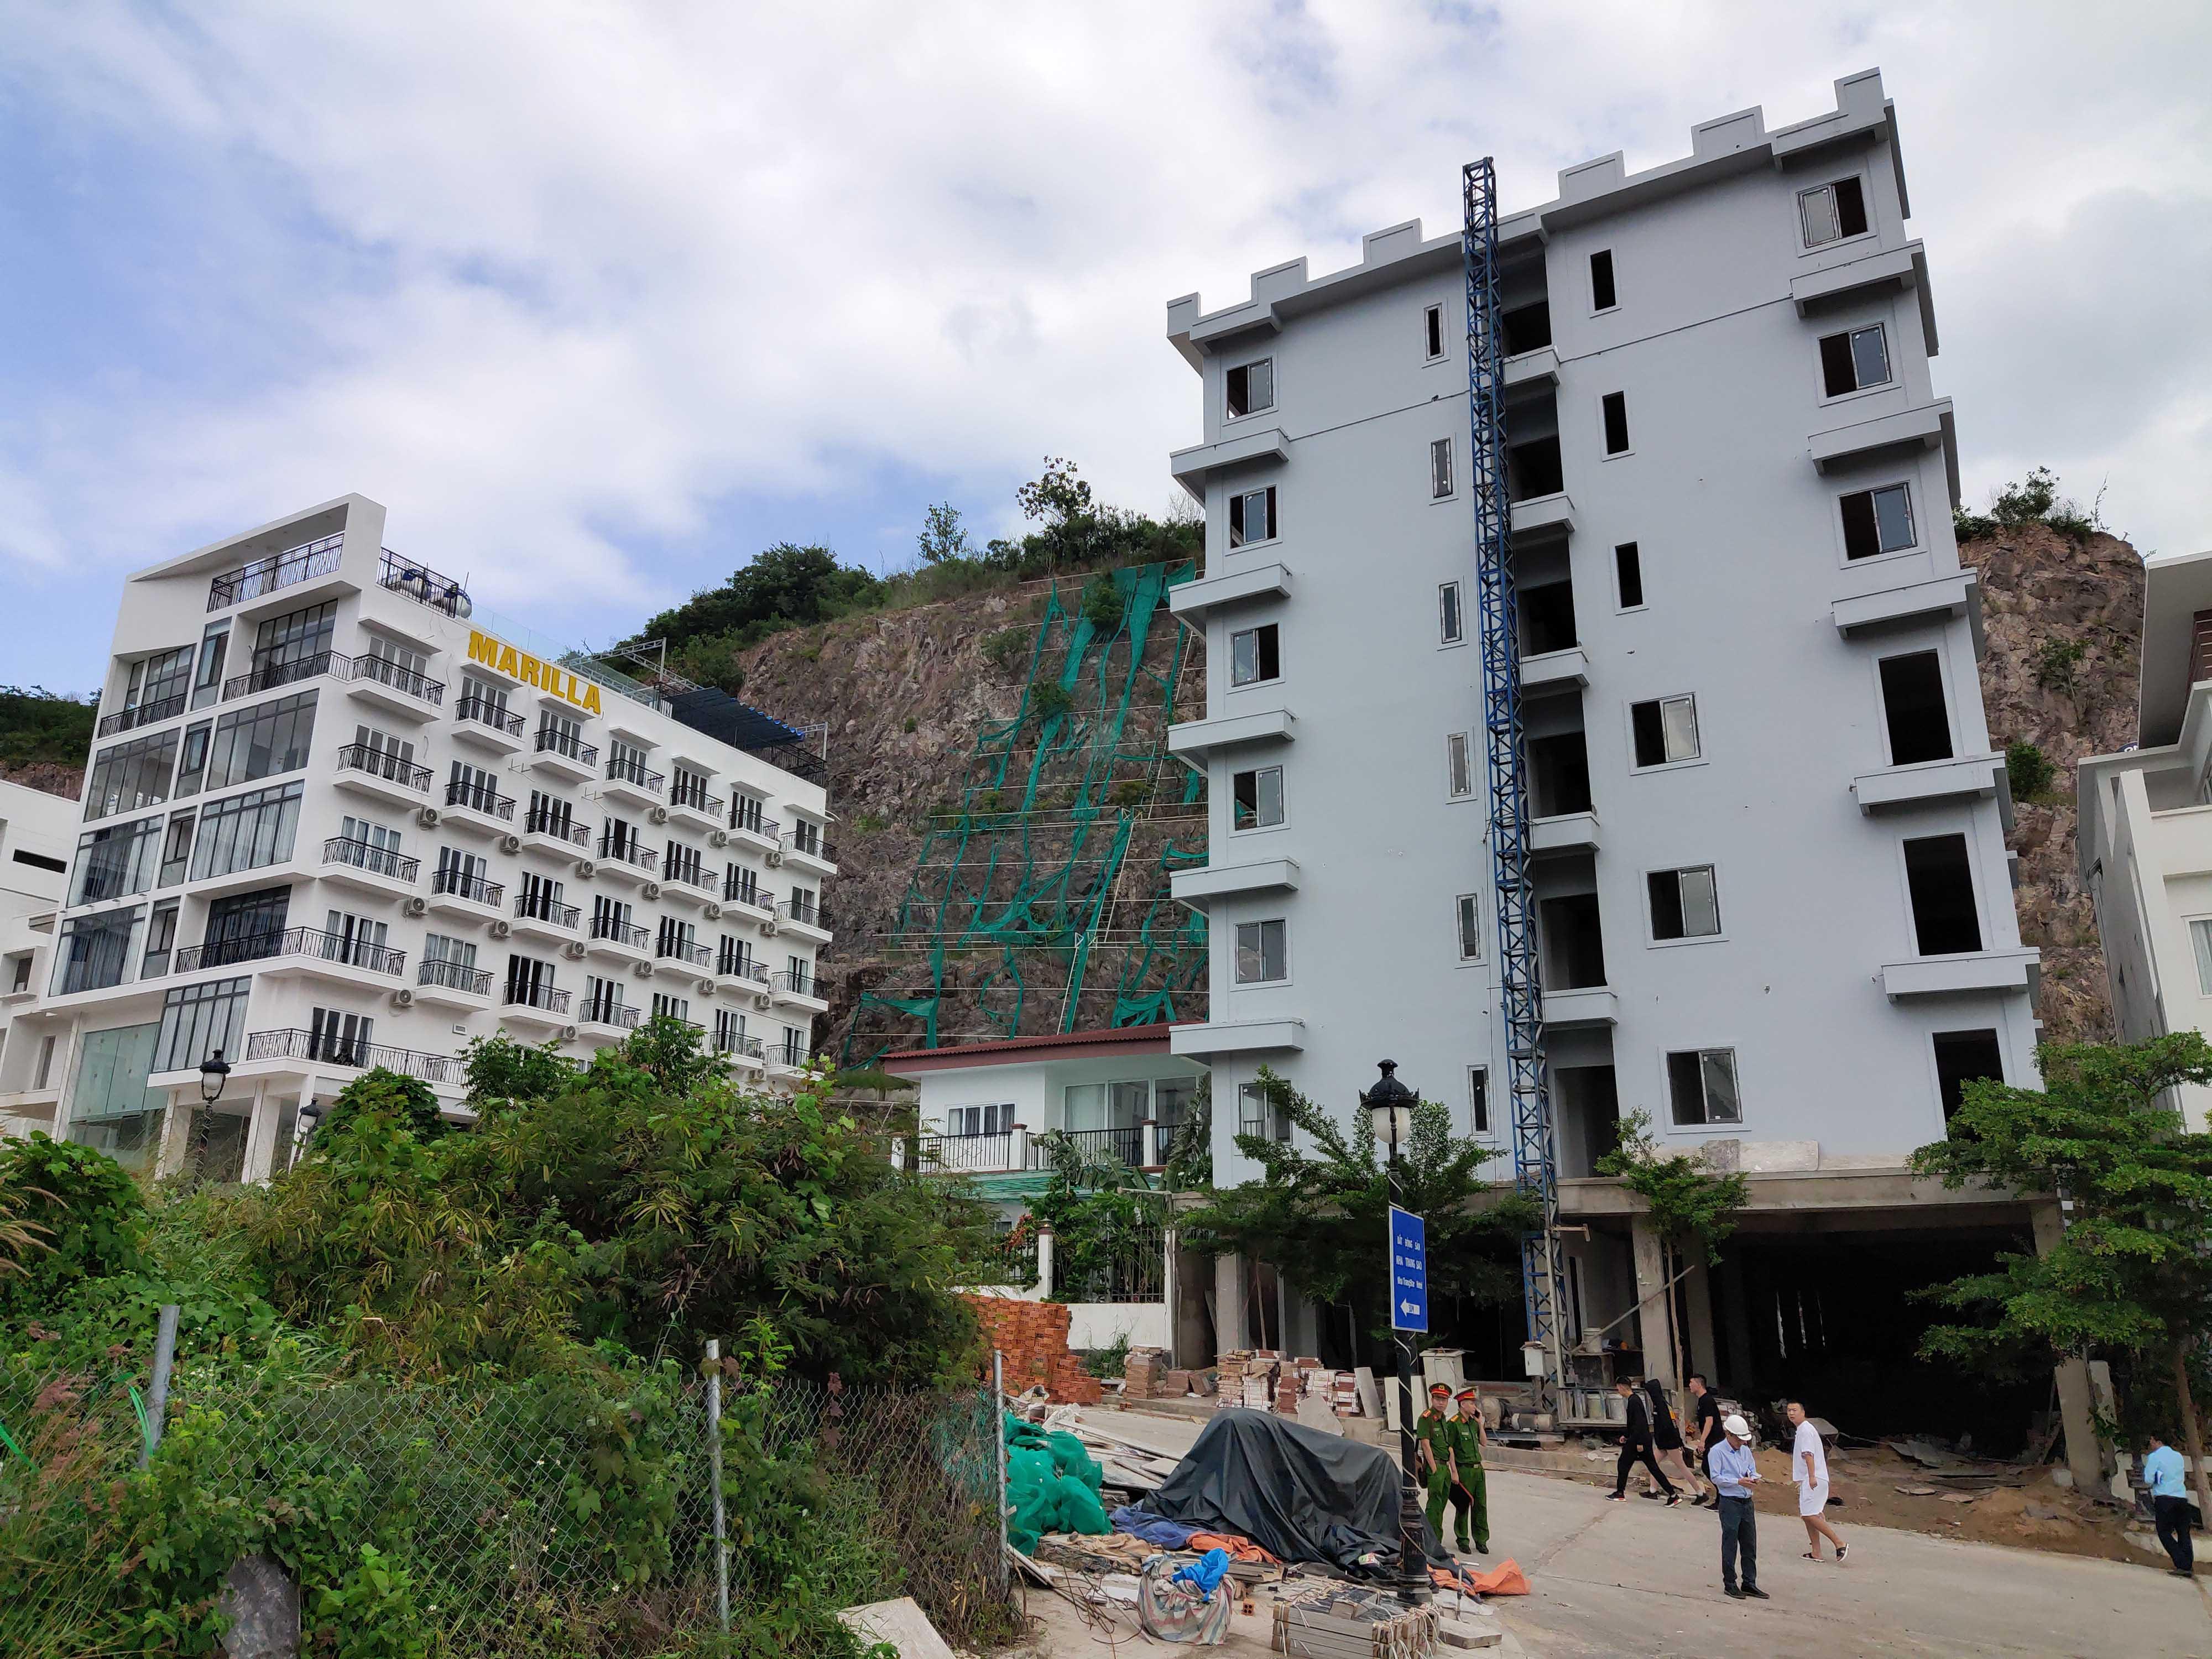 Cận cảnh dự án Ocean View ung dung hoàn thành các căn biệt thự bất chấp lệnh cưỡng chế - Ảnh 3.